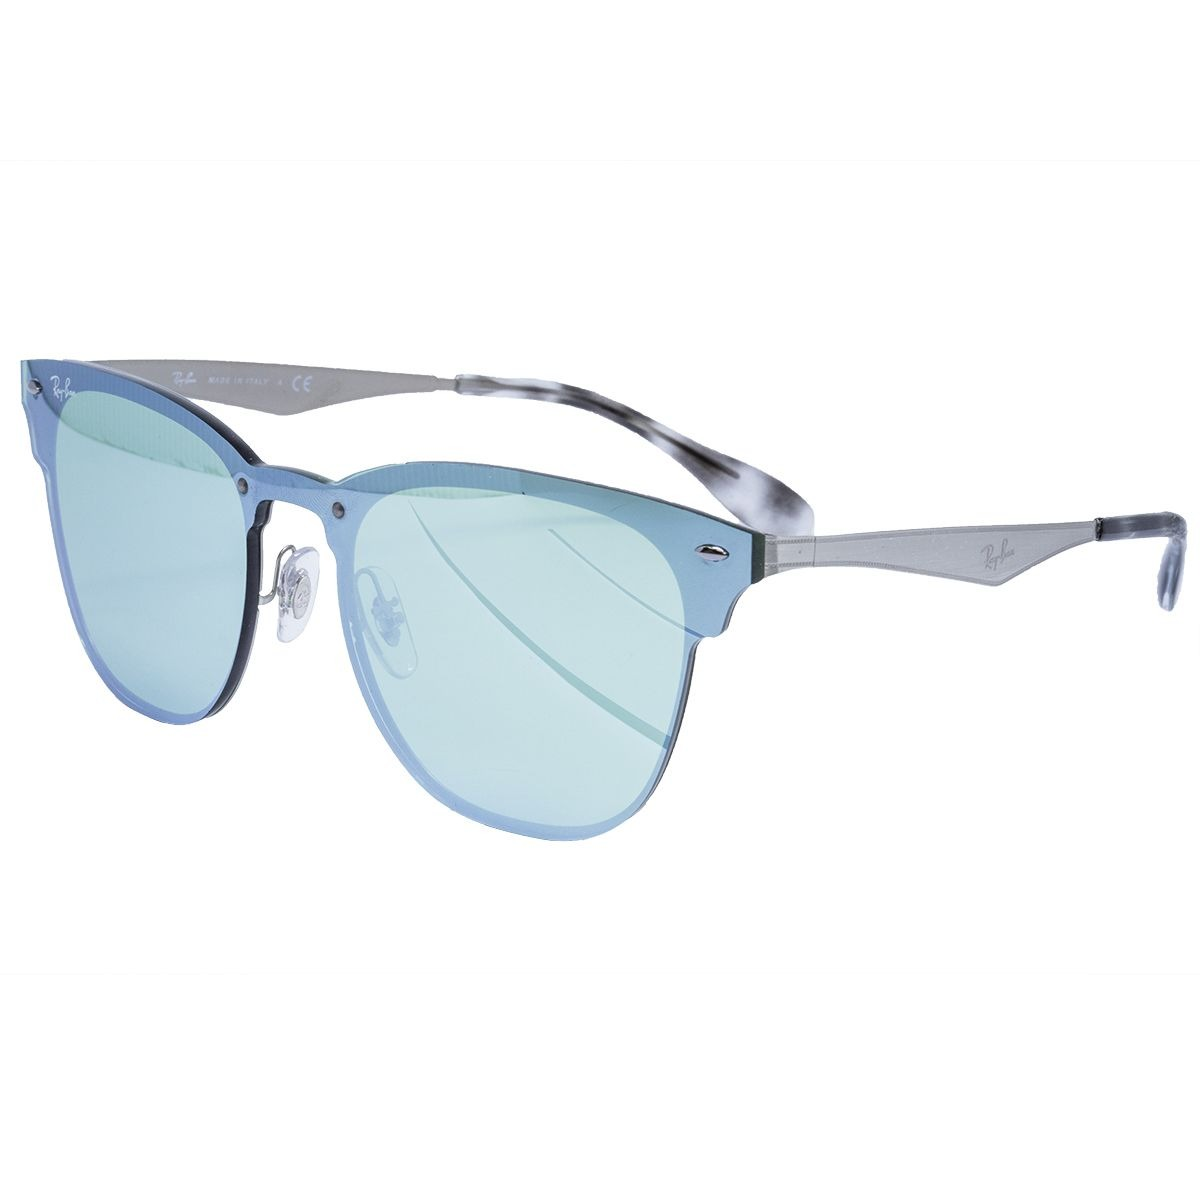 3ceda4a95b Óculos De Sol Ray Ban Original Clubmaster Blaze Silver - R$ 654,00 ...